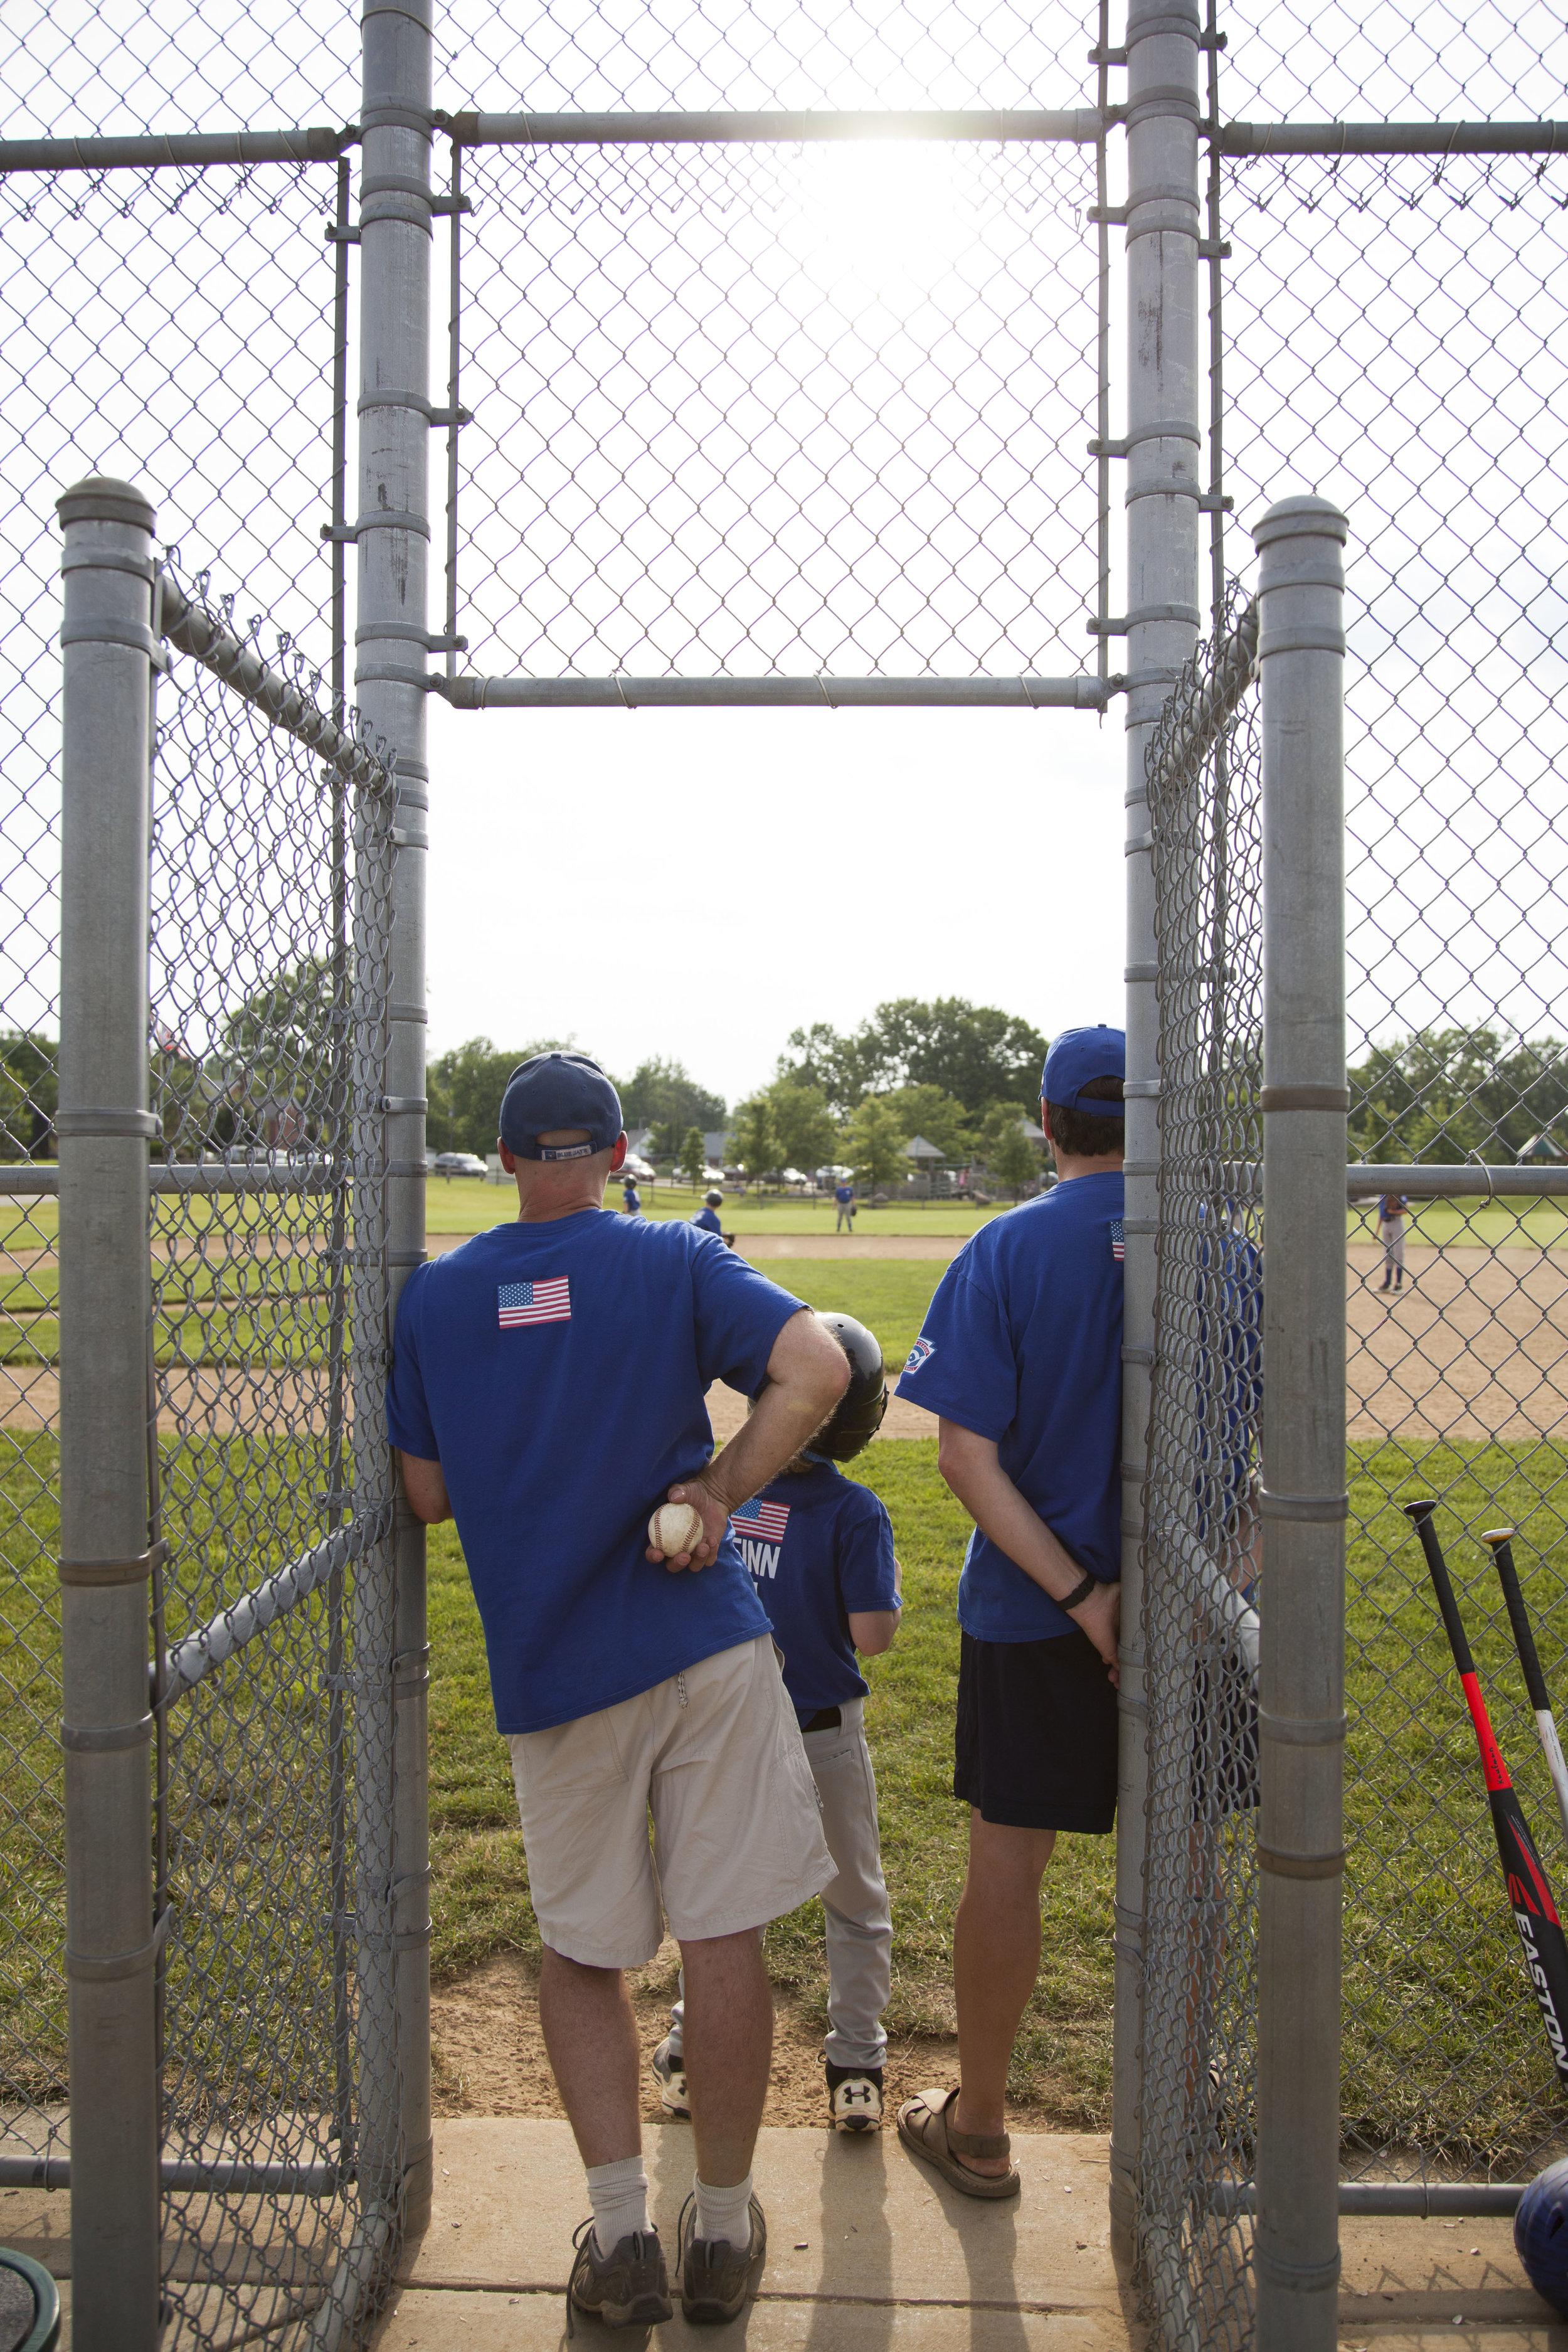 Day 7 - coaching baseball